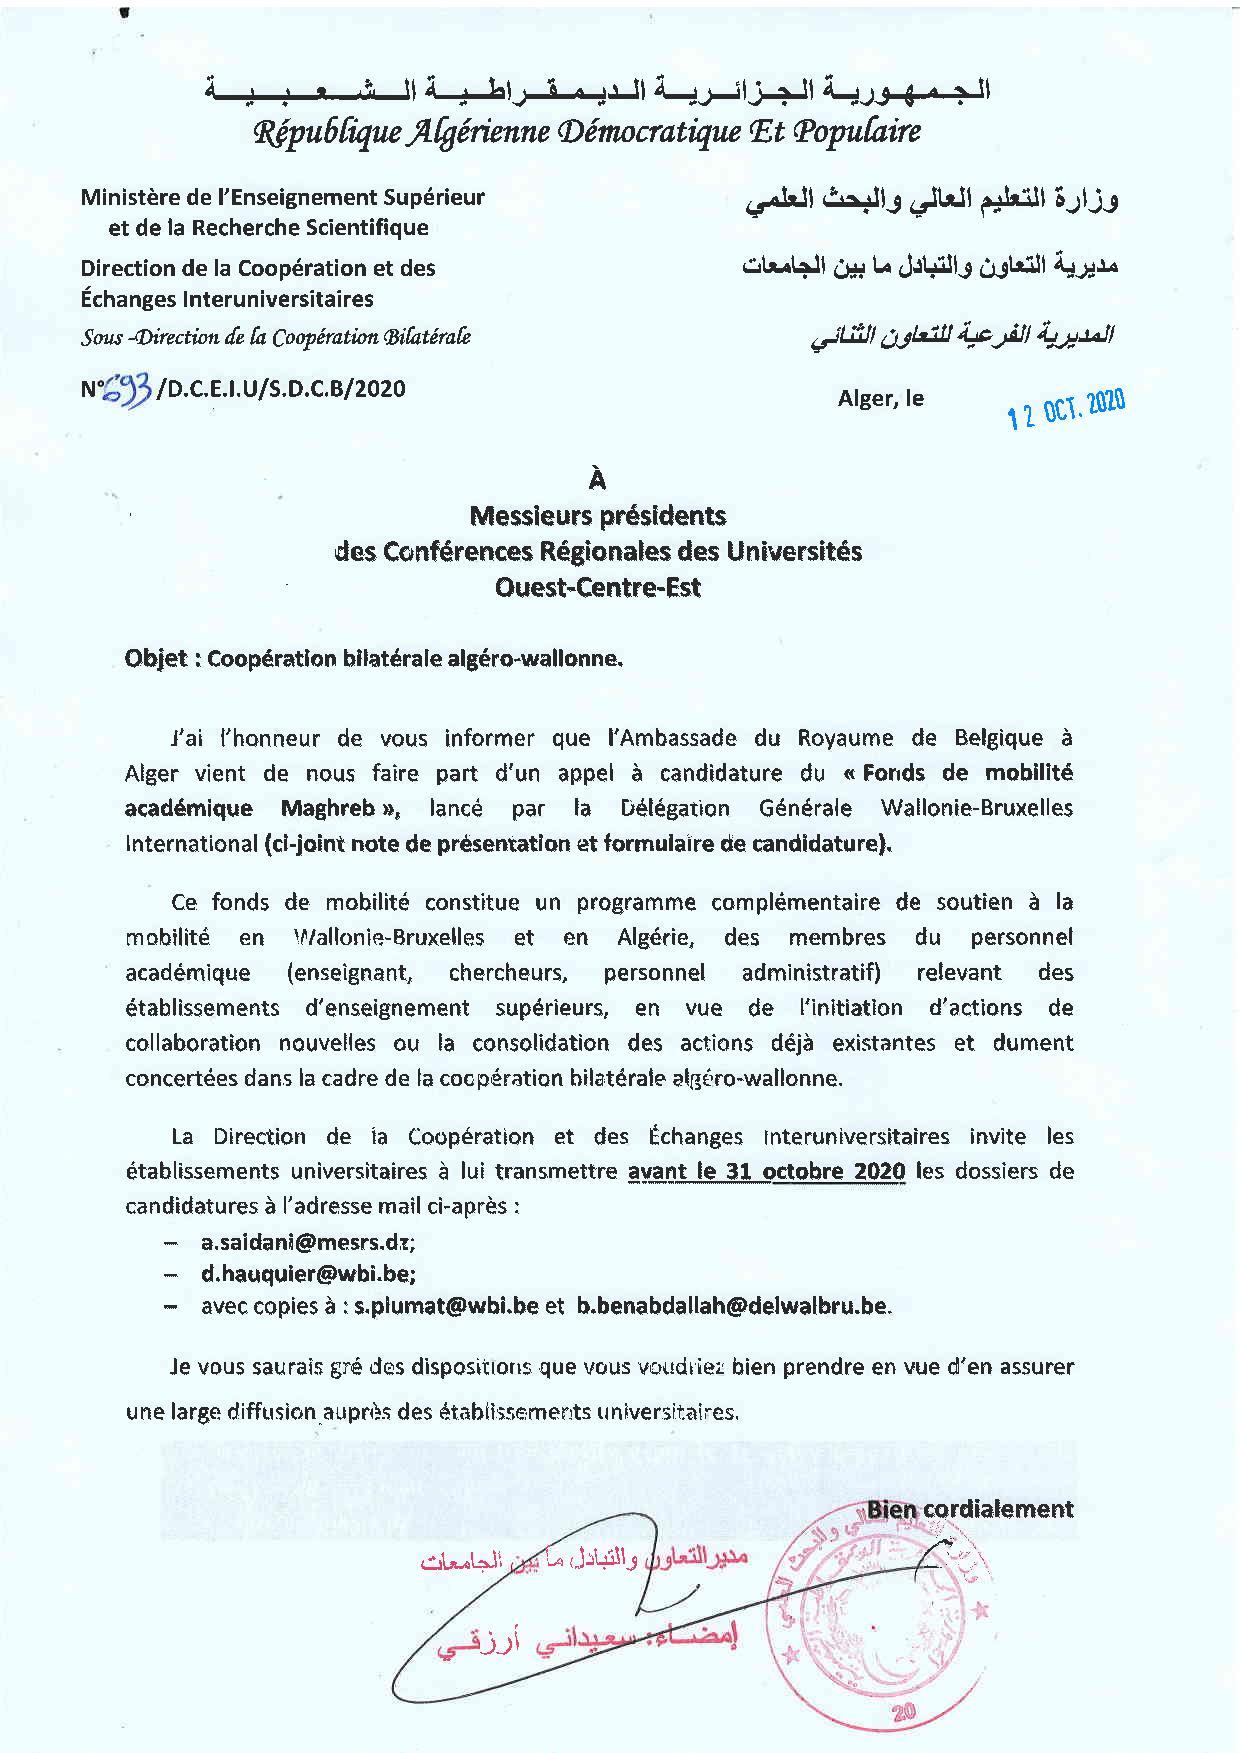 التعاون الثنائي الجزائري الوالوني